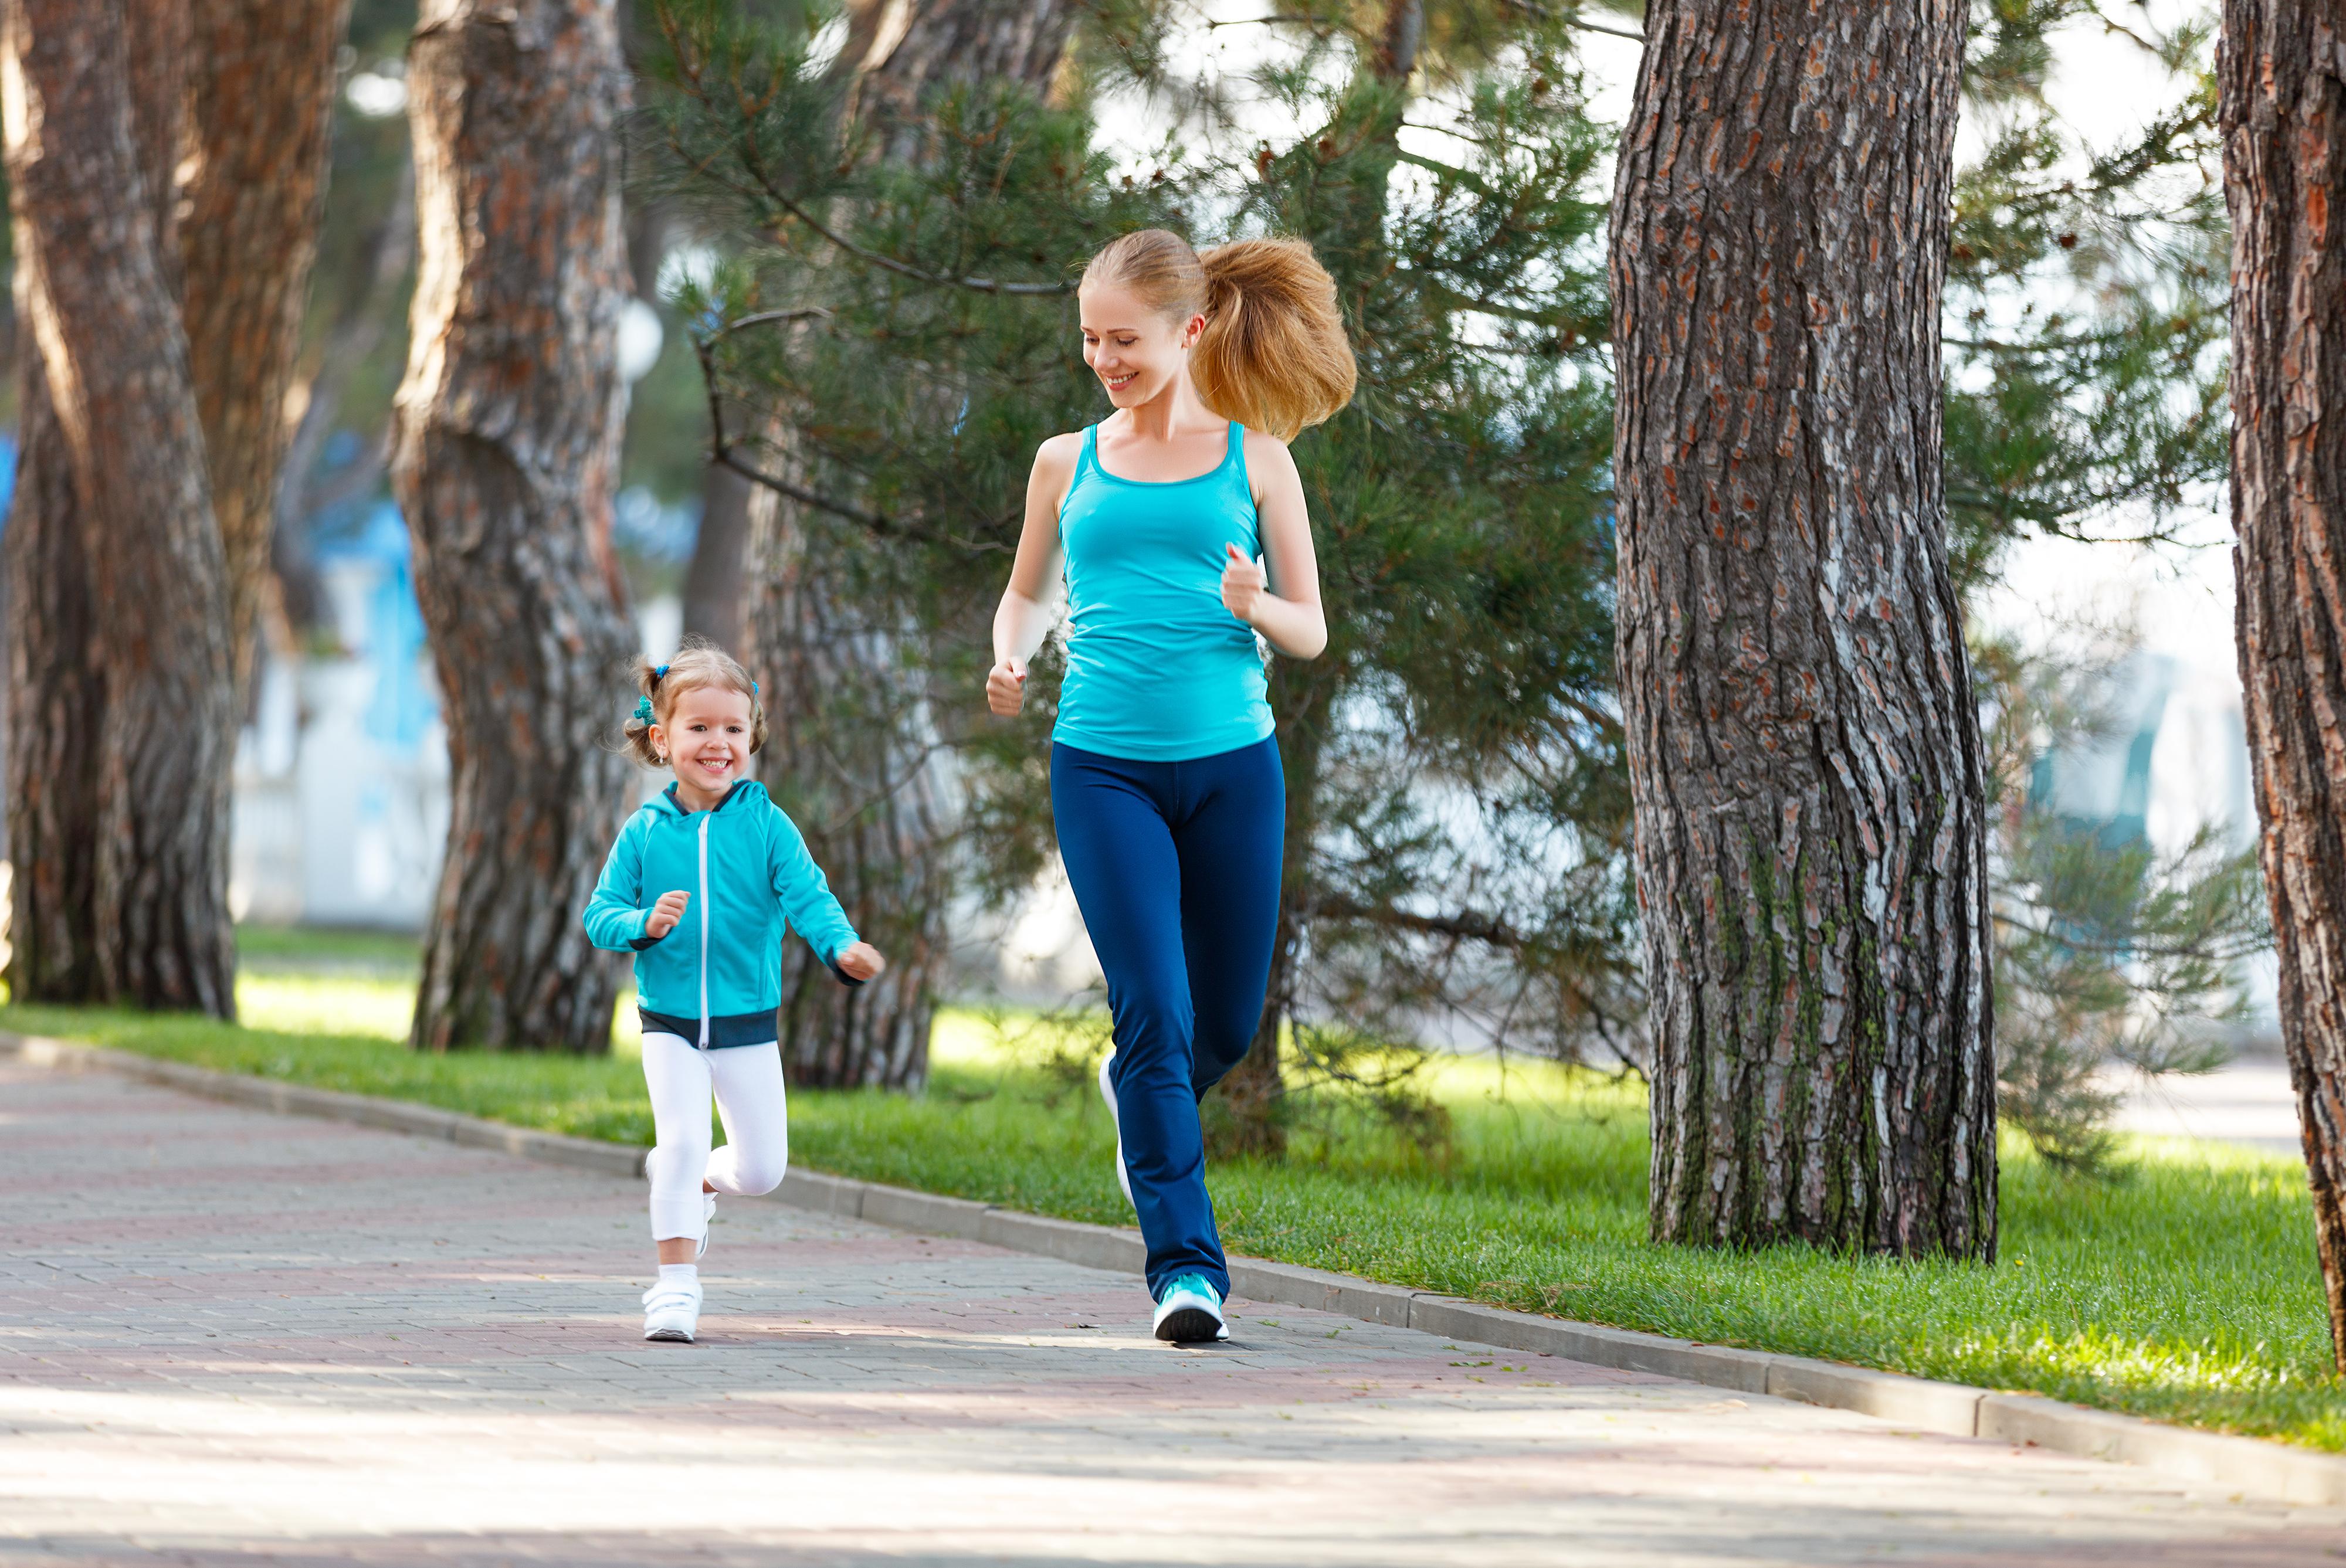 6 досліджень у галузі спорту, які допоможуть поліпшити фізичні навички